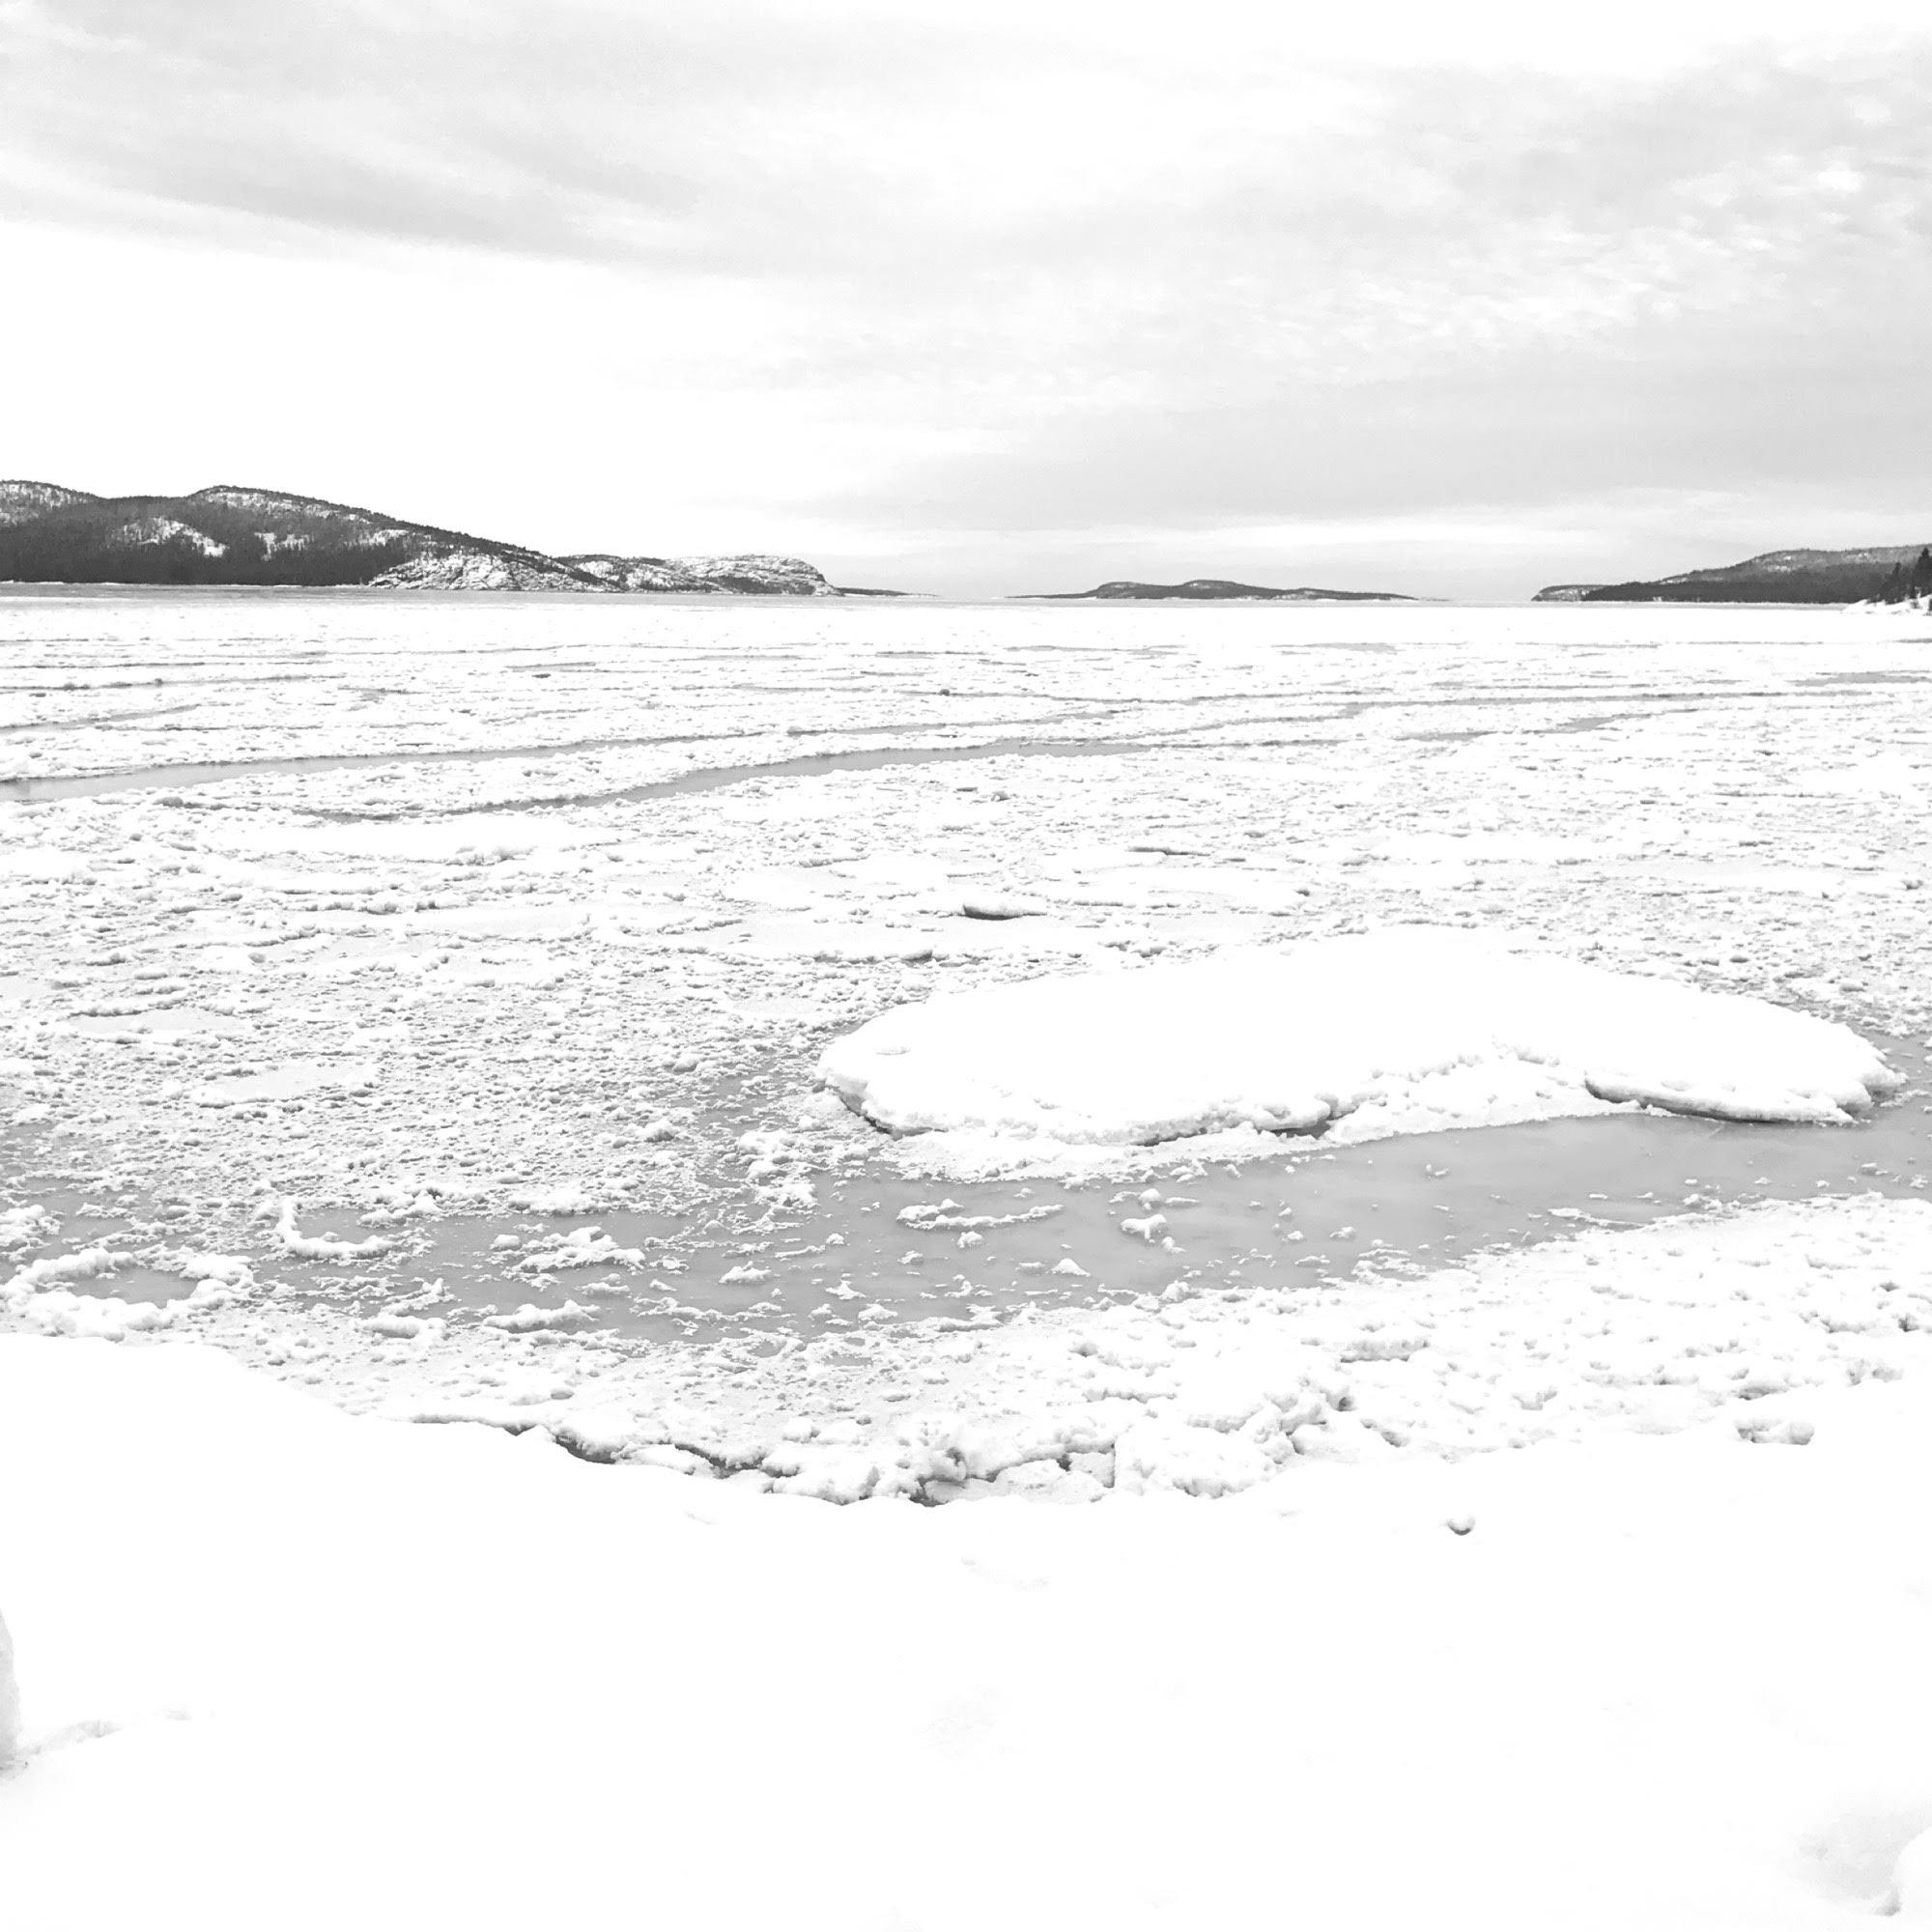 havet och is sv